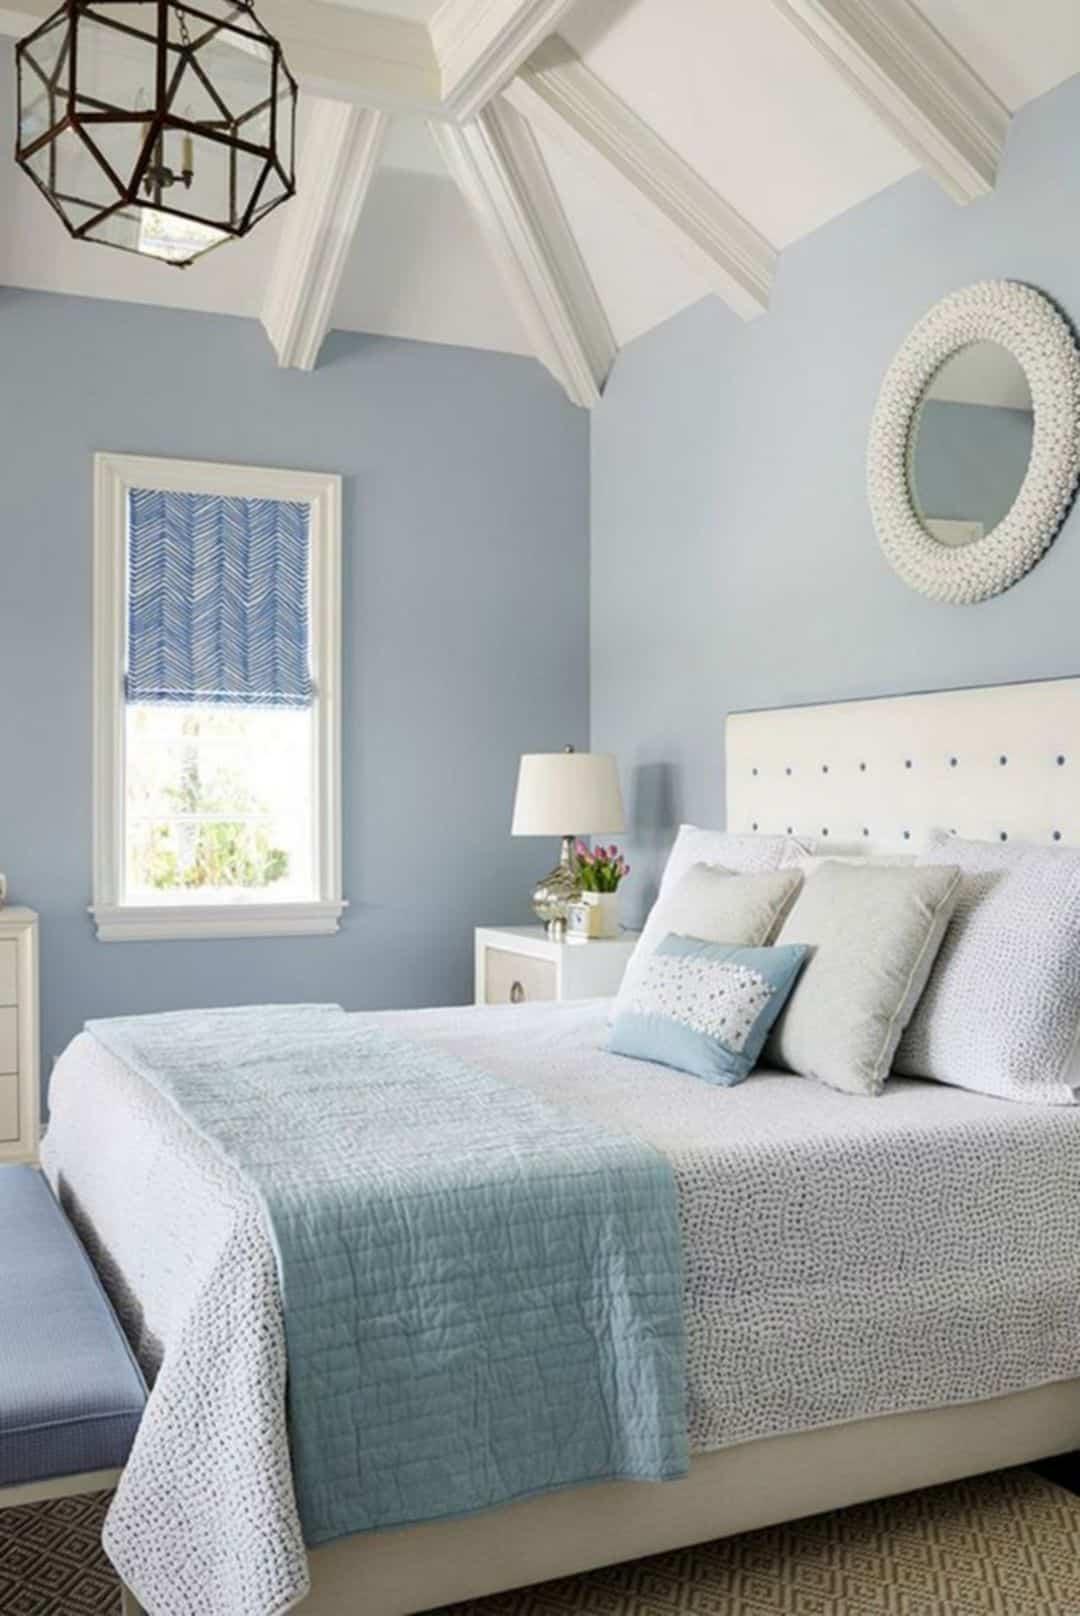 ห้องนอนสีฟ้าถูกโฉลก